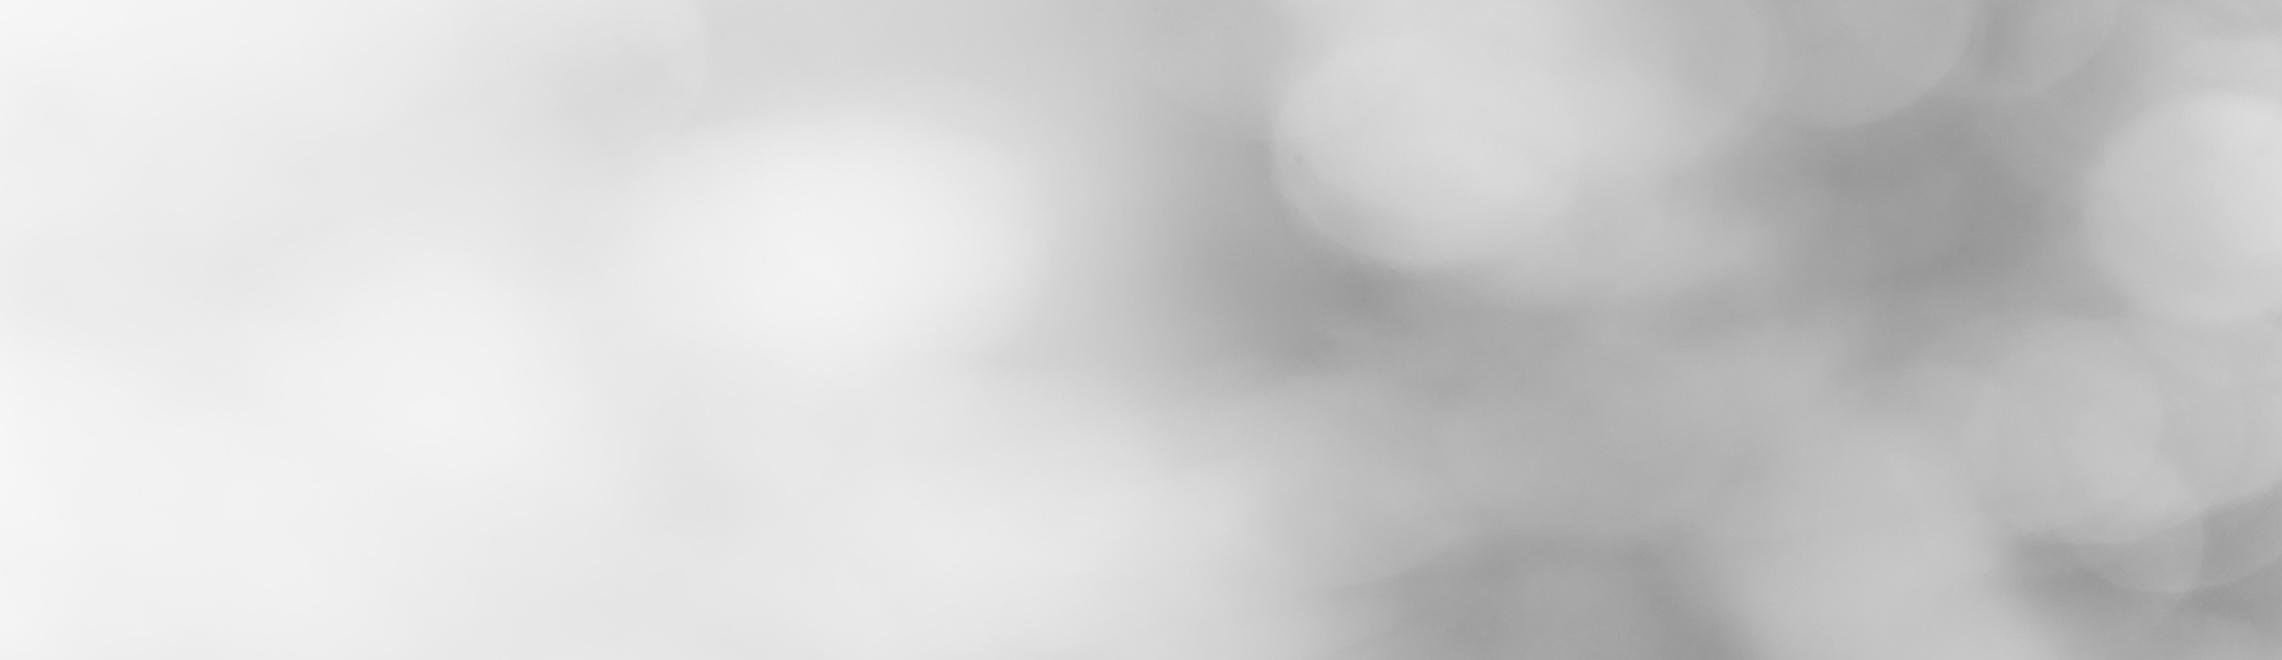 Hintergrund des Zitat-Sliders